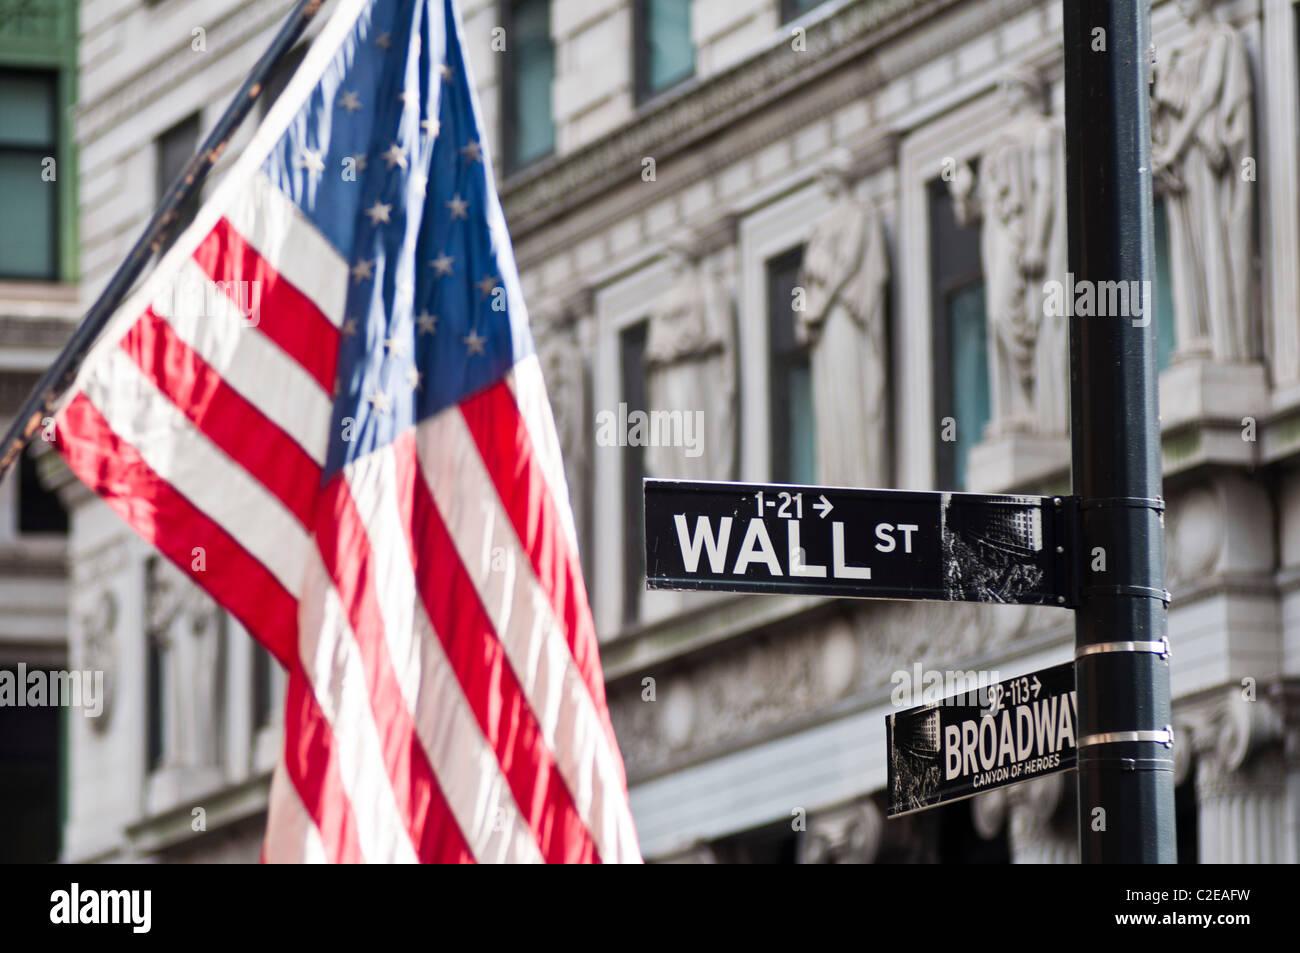 Drapeau américain et Wall Street road chanter, du quartier financier, Lower Manhattan, New York City, USA Photo Stock